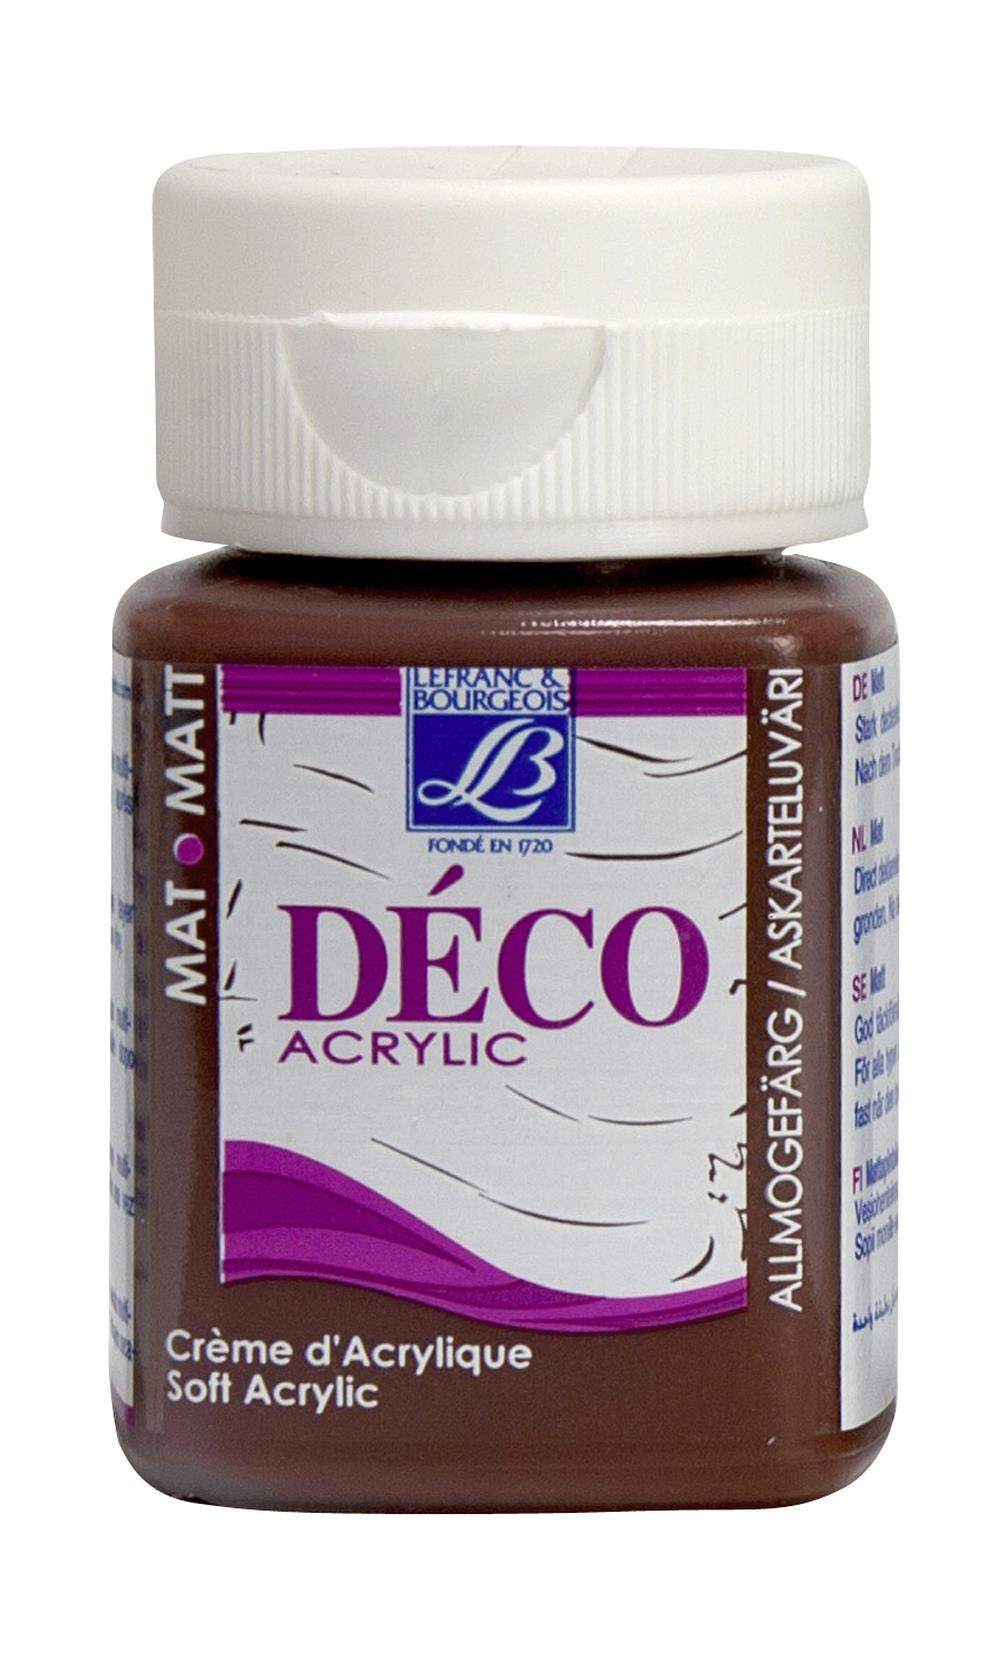 Hobbyfärg L&B Deco Matt Akryl 50ml Hot chocolate warm 116 (4F)